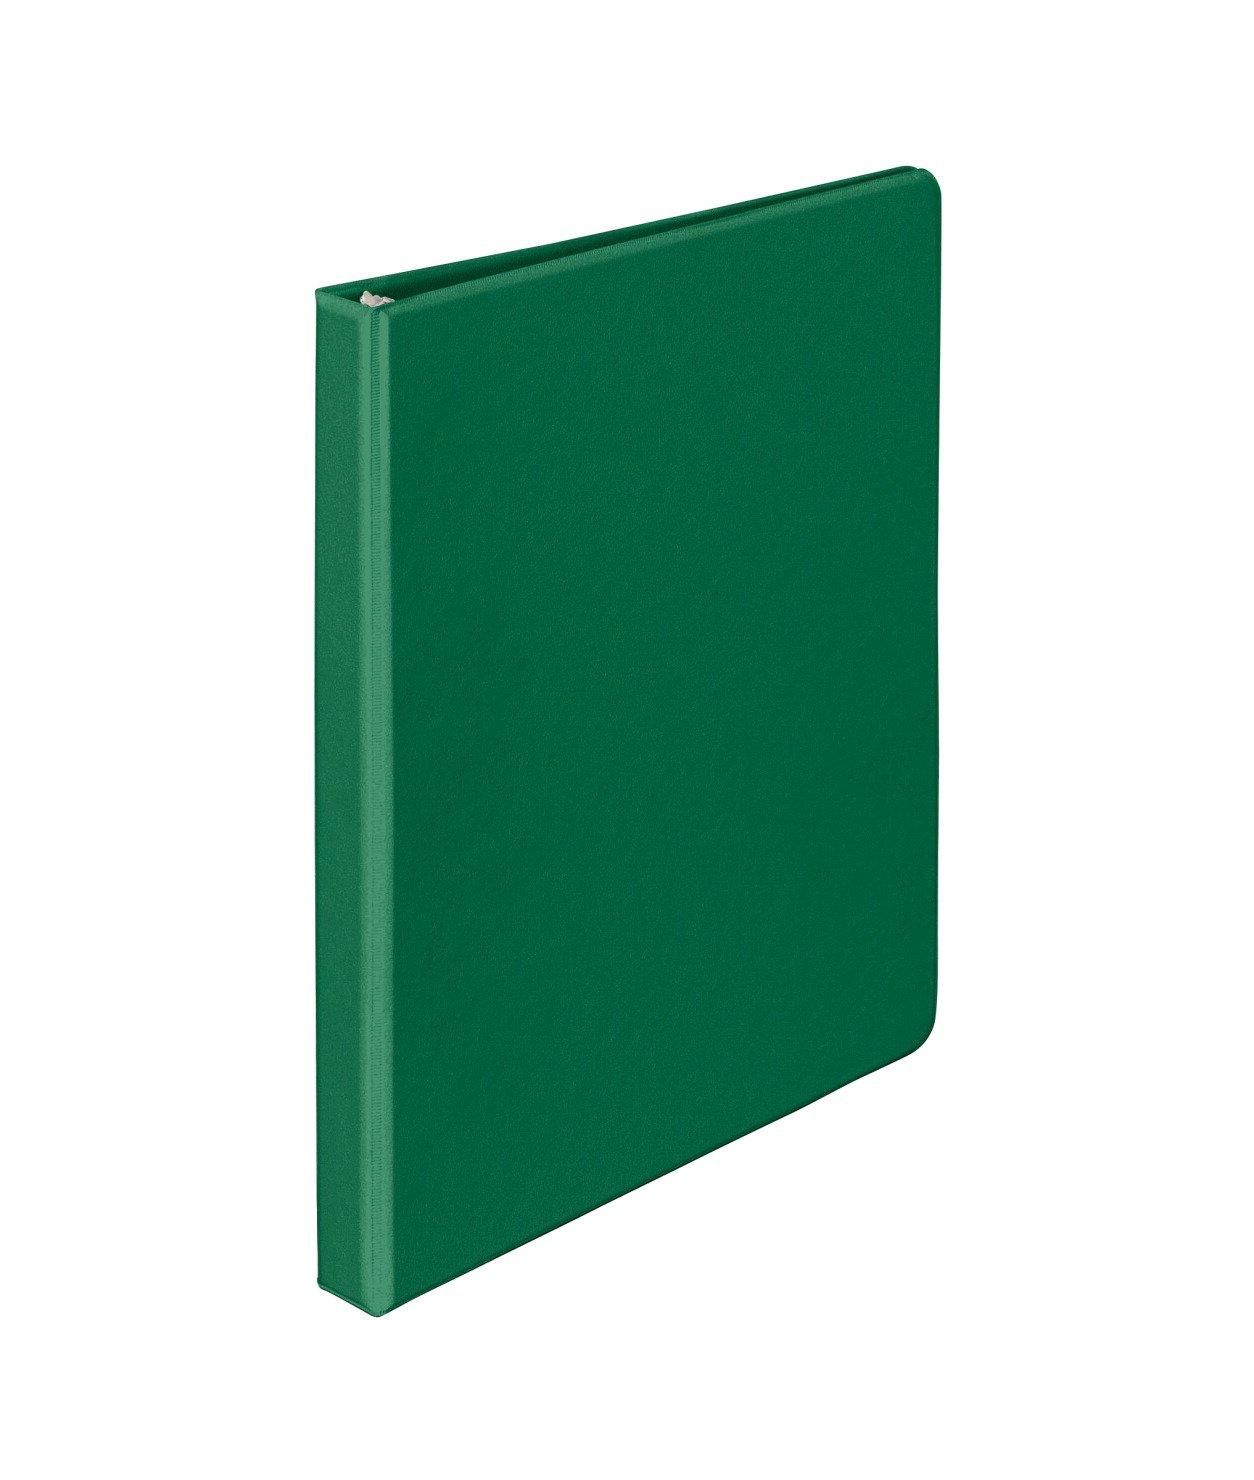 School Smart Vinyl Binder - 1/2 inch - Green